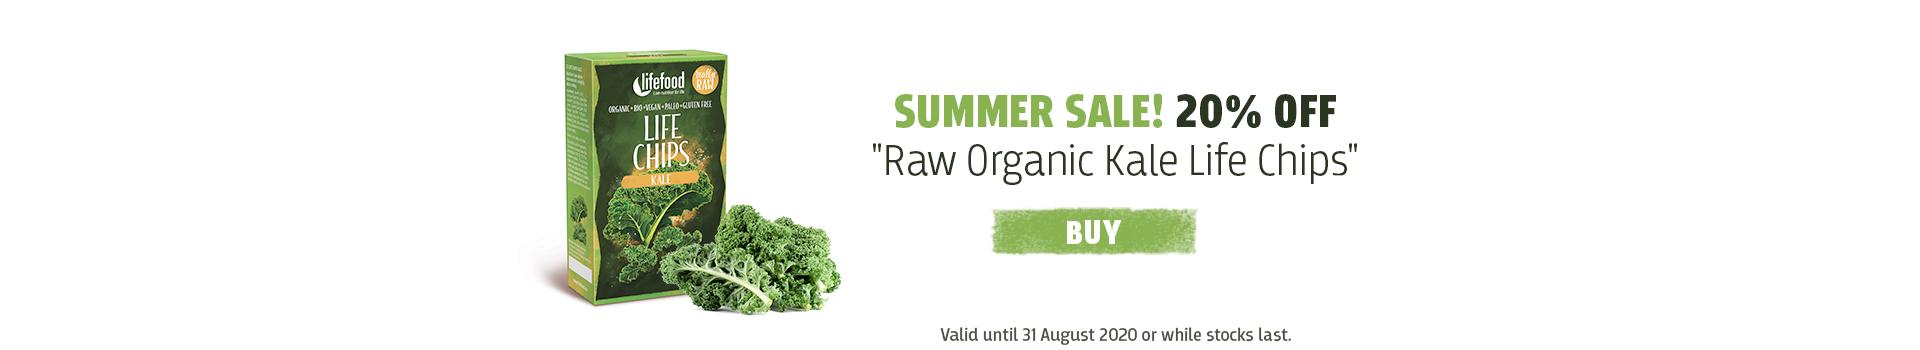 Kale Life Chips - 20% OFF